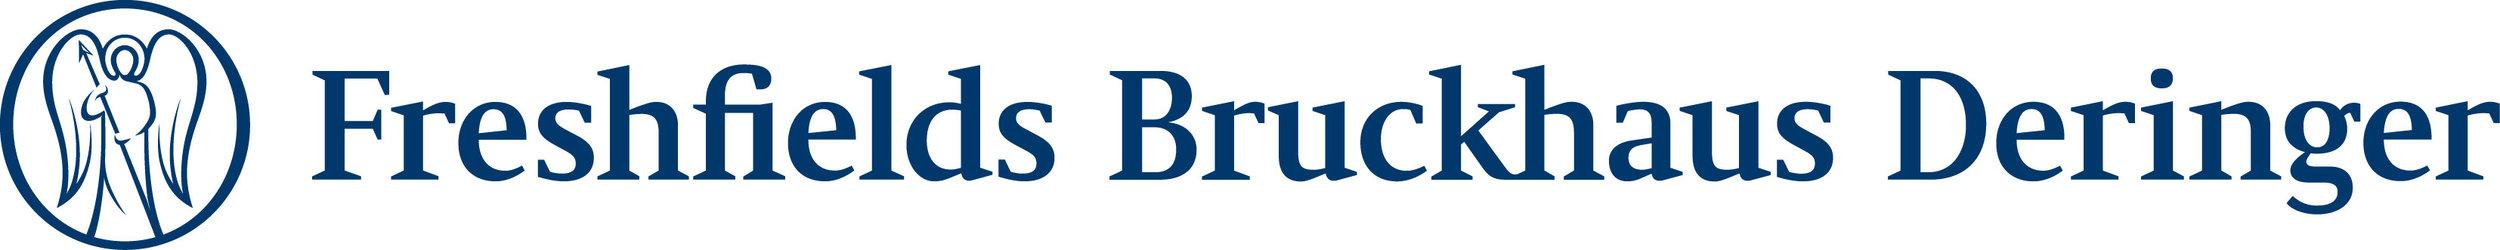 freshfields_bruckhaus_deringer_logo_use_for_online_rgb_58114_1153.jpg